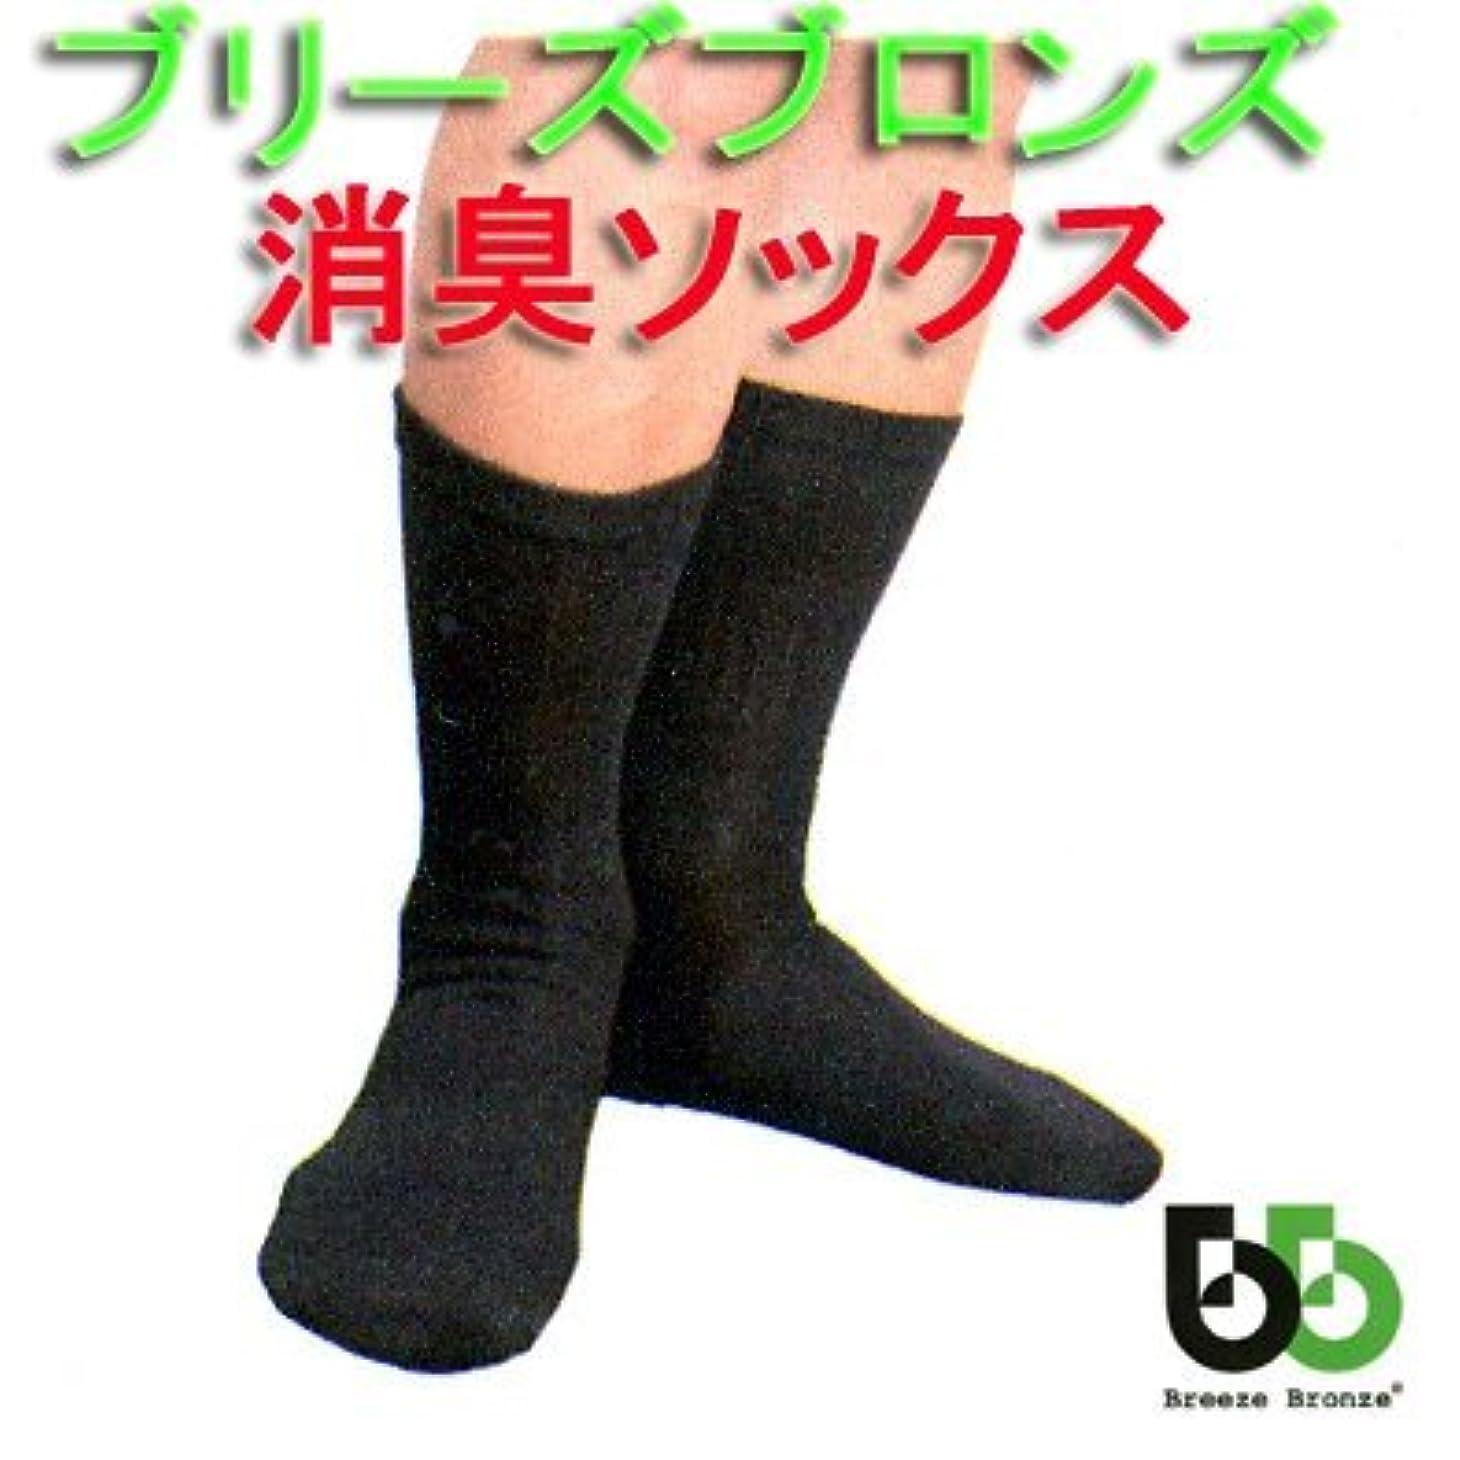 不定不機嫌威するブリーズブロンズ 消臭ソックス 消臭靴下メンズMサイズ25~27cm 3枚セット 日本製 日経スペシャル『アジアの風』でテレビ放映!